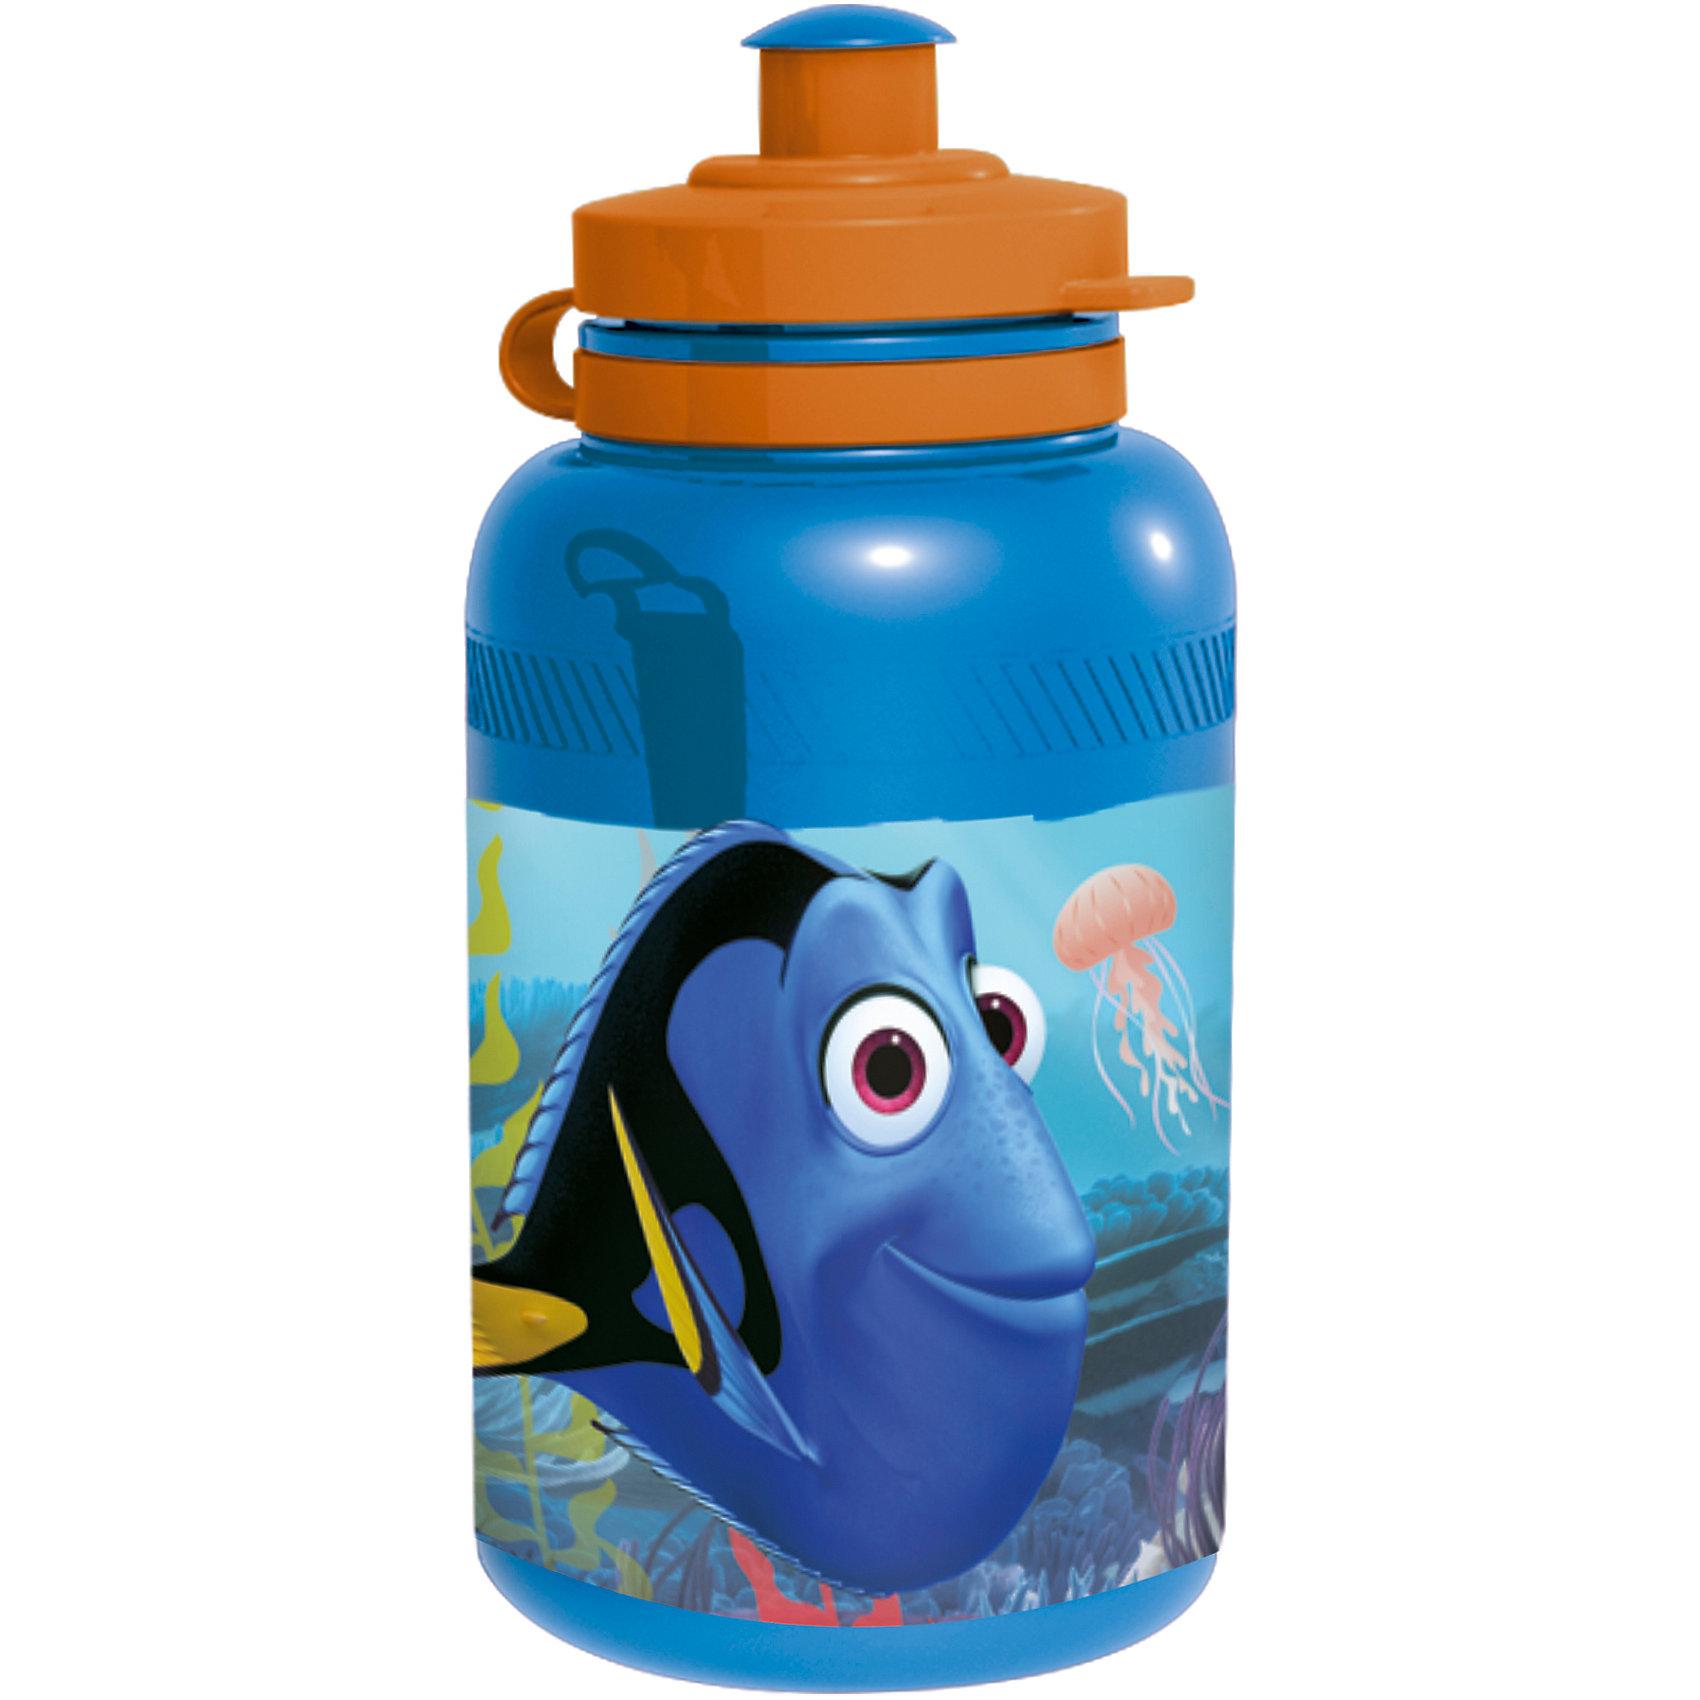 Бутылка пластиковая В поисках Дори 400 млХарактеристики товара:<br><br>• материал: пластик<br>• украшена рисунком<br>• размер: 6,5х6,5х15 см<br>• вес: 40 г<br>• объем: 400 мл<br>• страна бренда: Испания<br>• страна производства: Китай<br><br>Такая бутылка станет отличным подарком для ребенка! Она отличается тем, что на предмете изображены персонажи из мультфильма В поисках Дори. Есть или пить из предметов с любимым героем многих современных детей - всегда приятнее. Бутылочка очень удобна, объем оптимален для детей, сюда как раз вместится необходимый для одной тренировки объем воды. Плюс - изделие дополнено специальной крышкой. Использовать его можно и в школе, и на улице!<br>Бутылка выпущена в удобном формате, размер - универсальный. Изделие производится из качественных и проверенных материалов, которые безопасны для детей.<br><br>Бутылку пластиковую В поисках Дори 400 мл можно купить в нашем интернет-магазине.<br><br>Ширина мм: 65<br>Глубина мм: 65<br>Высота мм: 150<br>Вес г: 40<br>Возраст от месяцев: 36<br>Возраст до месяцев: 108<br>Пол: Унисекс<br>Возраст: Детский<br>SKU: 5282067